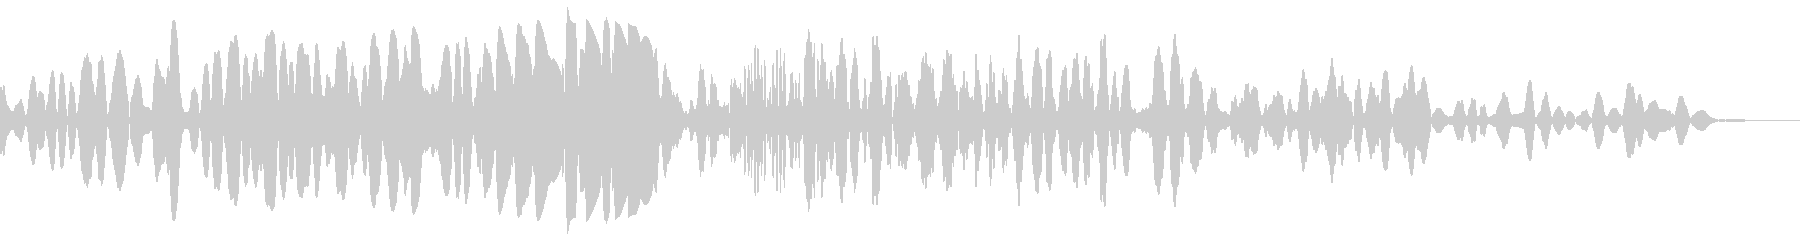 スタティックランブルスラムウーッシュ2の未再生の波形